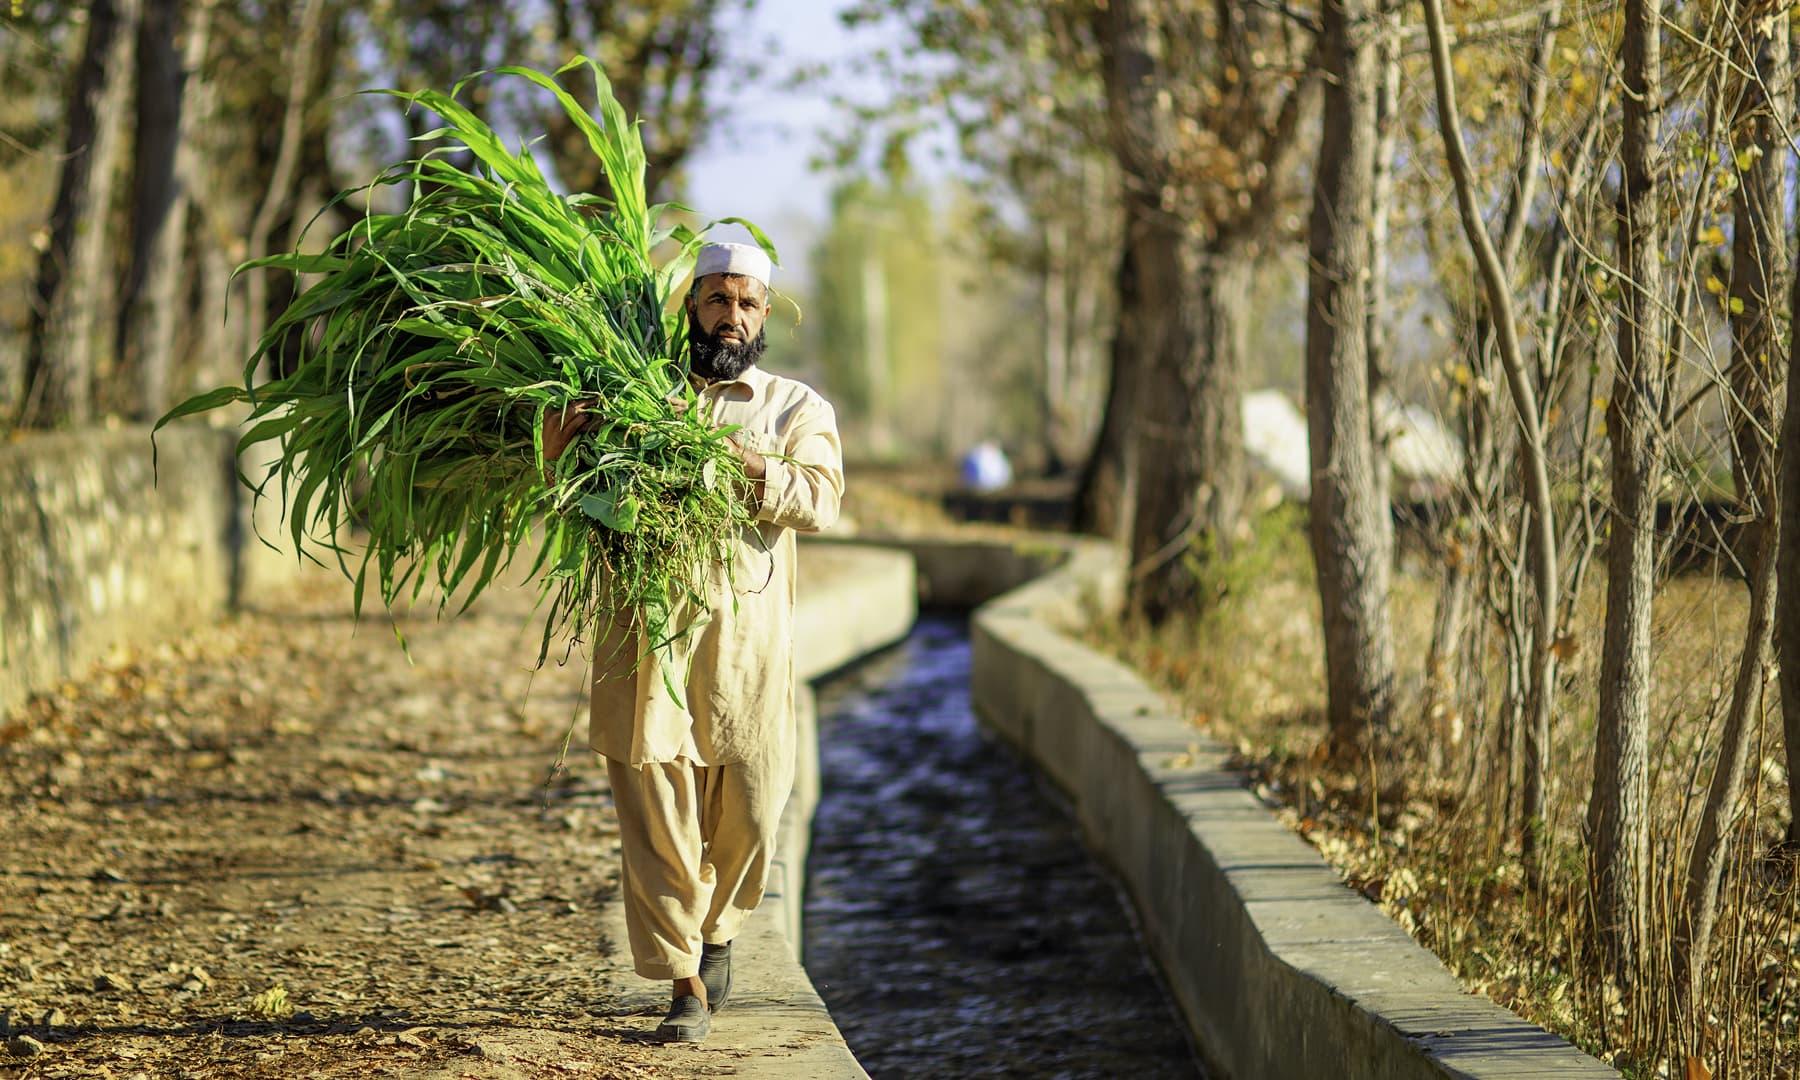 کبل، سوات میں ایک کسان. — فوٹو سید مہدی بخاری۔